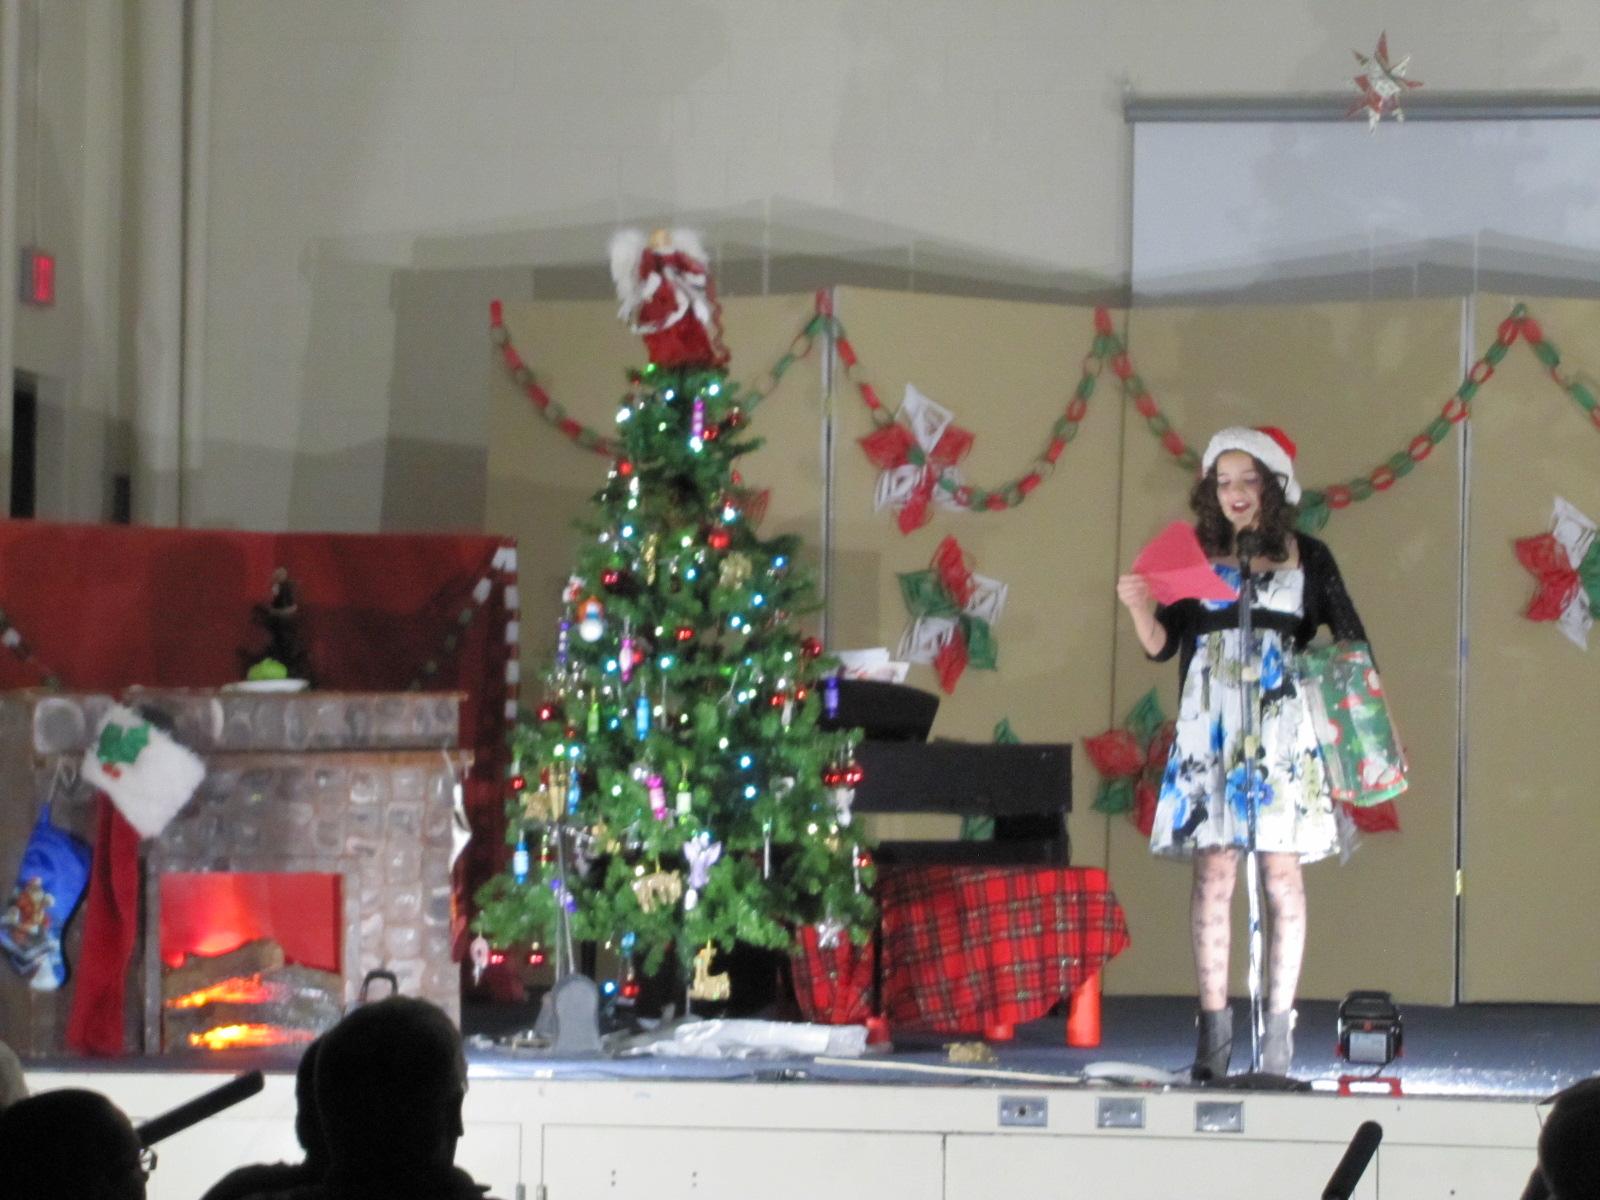 2014-12-17 TV School Christmas Concert 020